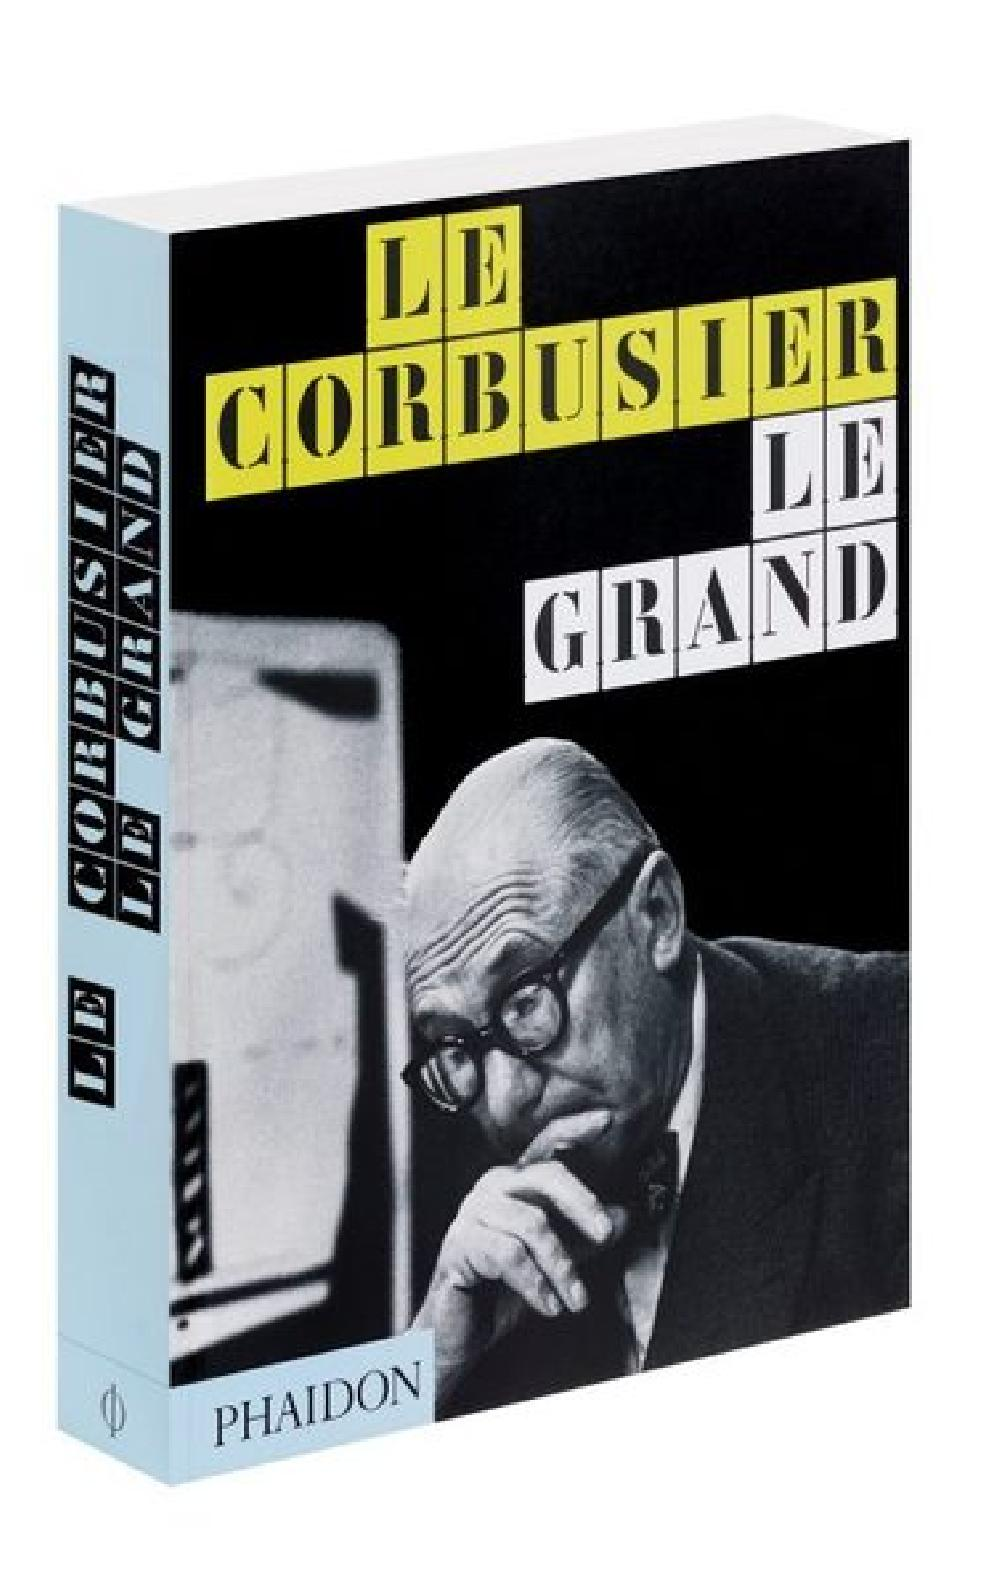 Le Corbusier Le Grand / Version brochée